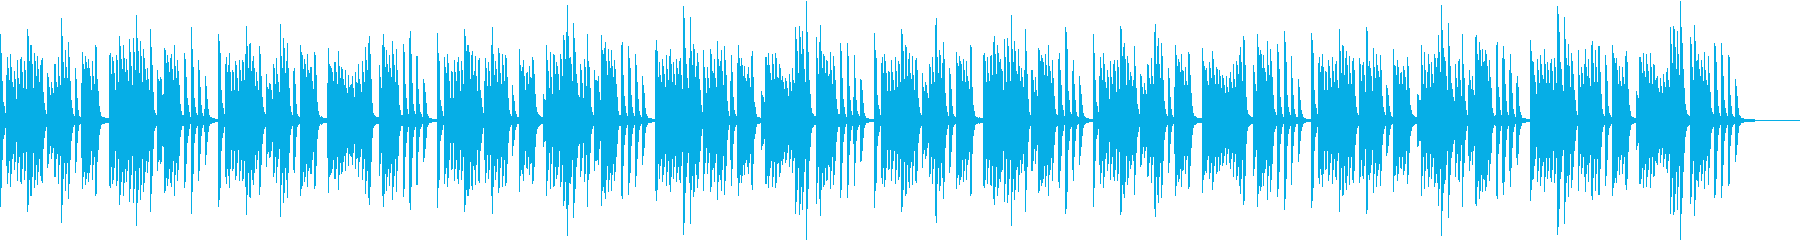 明るく可愛らしいコミカルなピアノのBGMの再生済みの波形